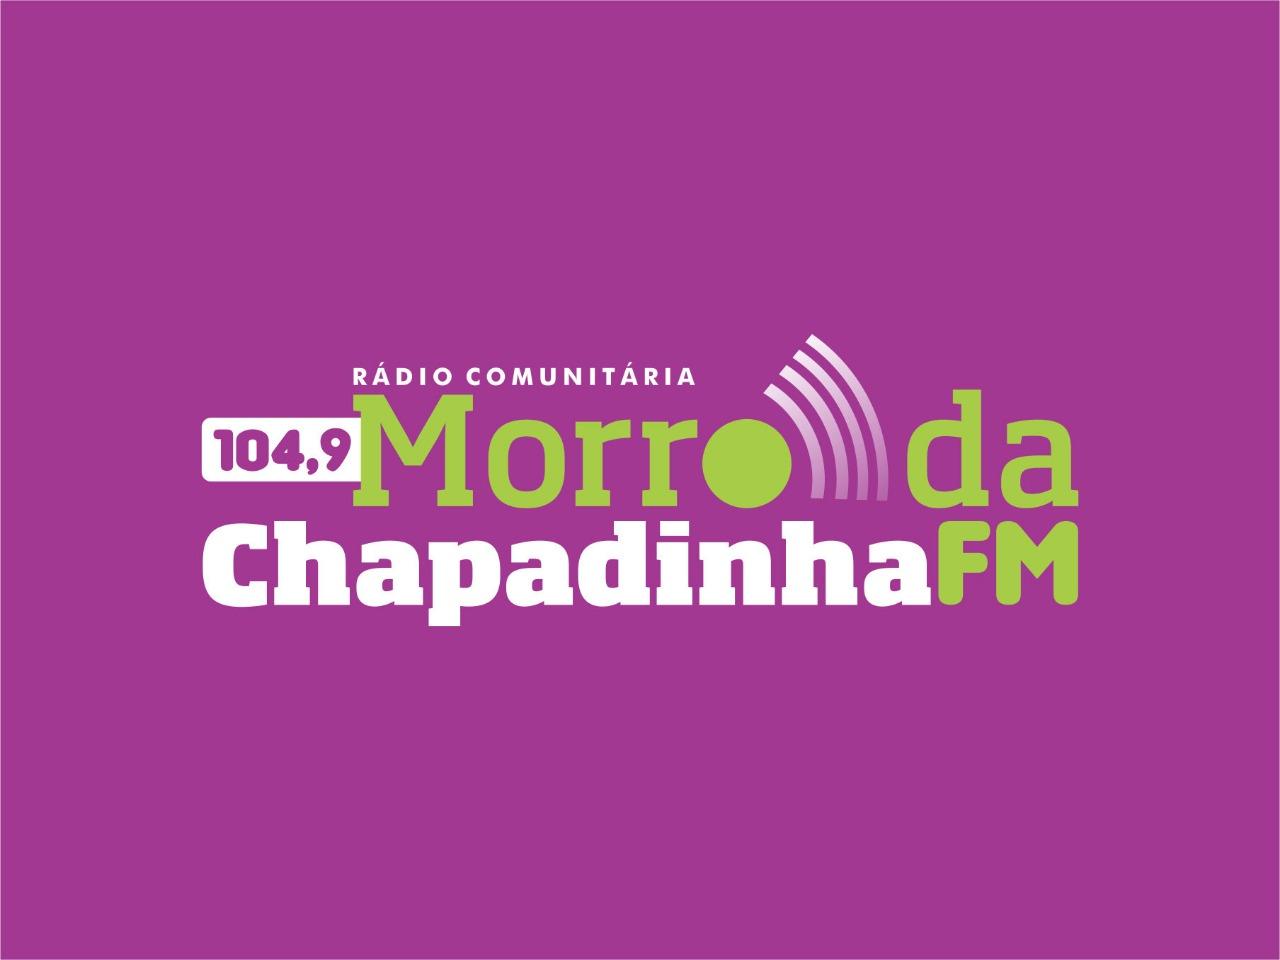 Instituto DataMA(X) aponta a Rádio Morro da Chapadinha FM como a mais ouvida em Esperantina